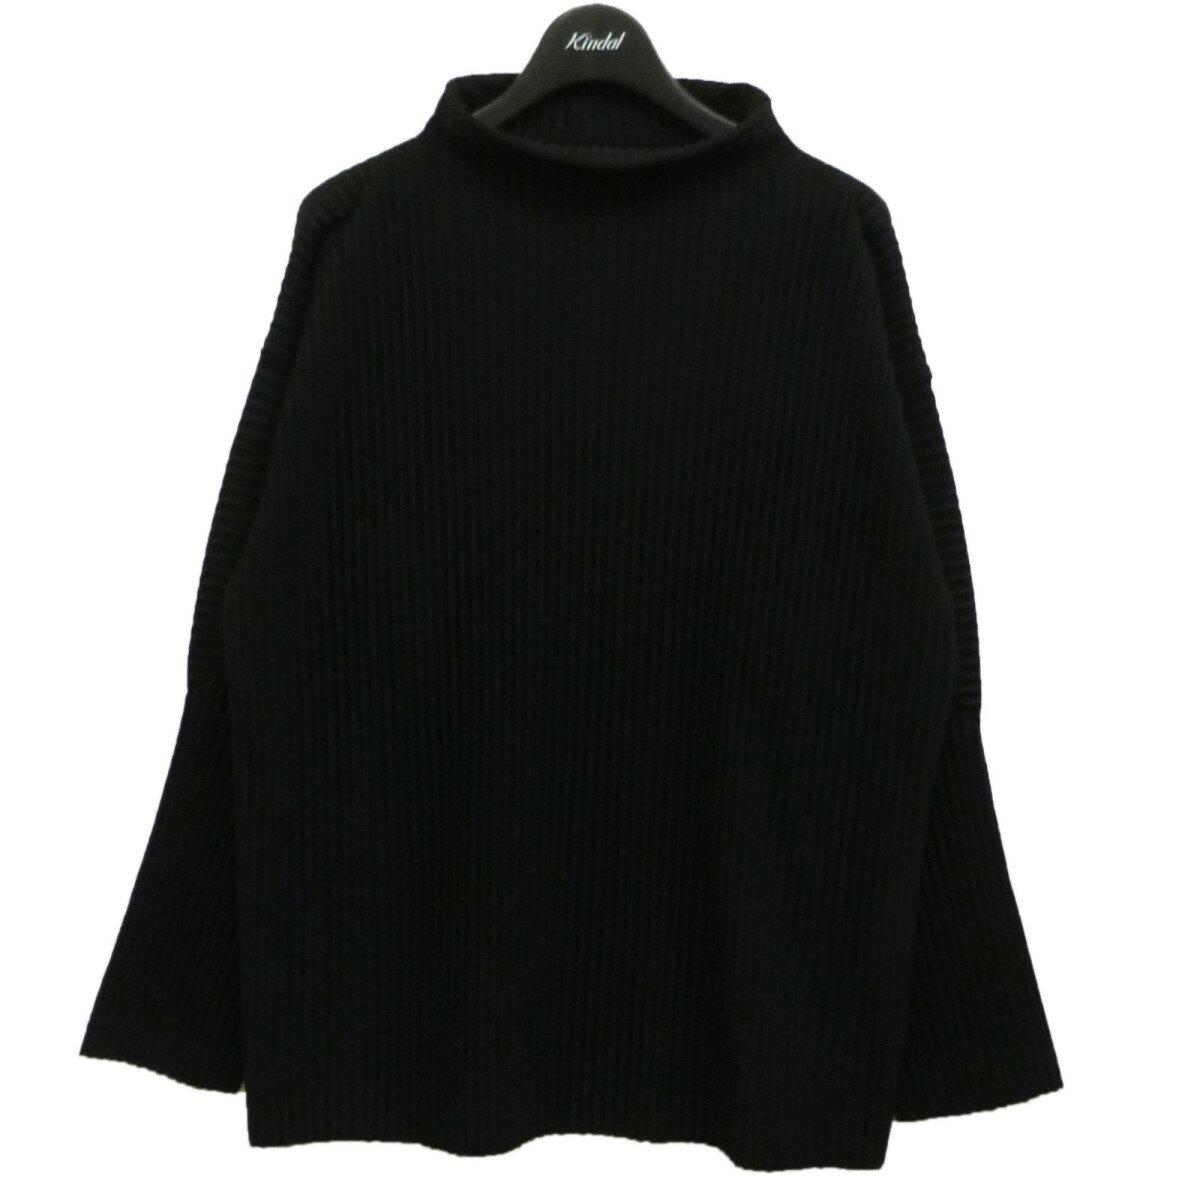 トップス, Tシャツ・カットソー HOMME PLISSE ISSEY MIYAKE 2015AW 2 150221